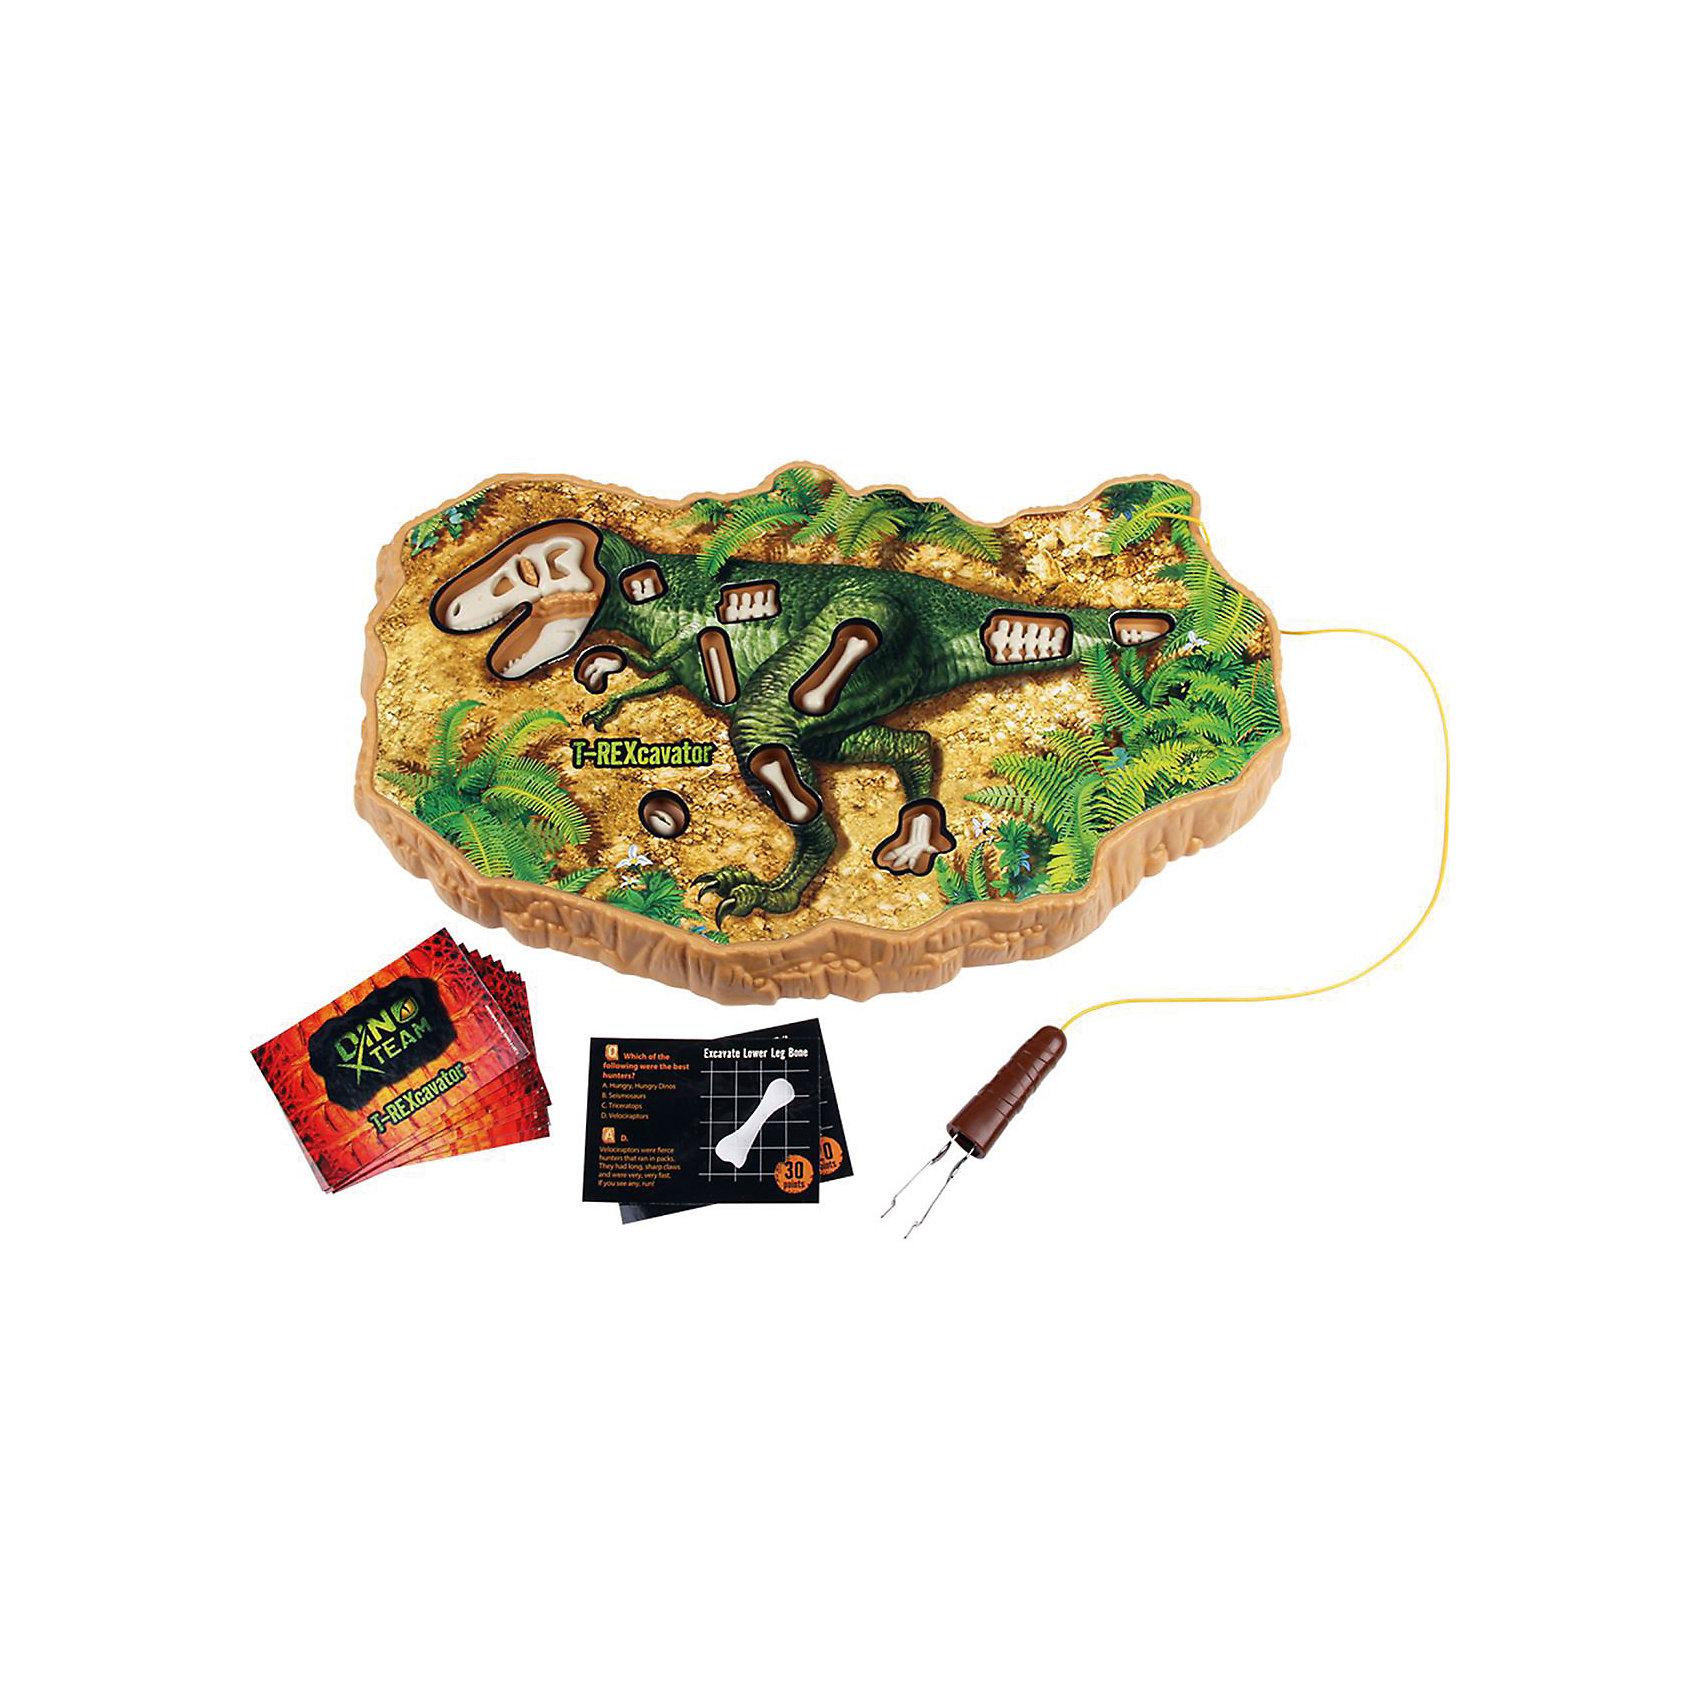 Игра Конструктор Динопедия T-Rex, Uncle MiltonИгры мемо<br>Игра Конструктор Динопедия T-Rex, Uncle Milton, вызовет восторг у всех юных любителей динозавров. Увлекательный набор поможет Вам попробовать себя в роли палеонтолога научной экспедиции, отправившейся на поиски древних останков. Аккуратно выкопайте кости динозавра из реальных глинистых пород, используя специальный прибор. Затем соберите найденные кости и выложите их на игровом поле, таким образом, чтобы получился целый скелет древнего ящера. В комплект также входят карточки с вопросами для веселой викторины, где дети смогут проверить свои знания о динозаврах. Игра способствует развитию мышления, фантазии и внимательности, расширяет кругозор, тренирует мелкую моторику.<br><br>Дополнительная информация:<br> <br>- В комплекте: игровое поле с углублениями для скелета, игрушечные кости динозавра, карточки с вопросами викторины, инструкция.<br>- Материал: пластик, металл. <br>- Требуются батарейки: 2 х AA.<br>- Размер упаковки: 40,6 х 4 х 25 см. <br>- Вес: 0,47 кг.<br><br>Игру Конструктор Динопедия T-Rex, Uncle Milton, можно купить в нашем интернет-магазине.<br><br>Ширина мм: 406<br>Глубина мм: 250<br>Высота мм: 40<br>Вес г: 470<br>Возраст от месяцев: 60<br>Возраст до месяцев: 180<br>Пол: Унисекс<br>Возраст: Детский<br>SKU: 4627941